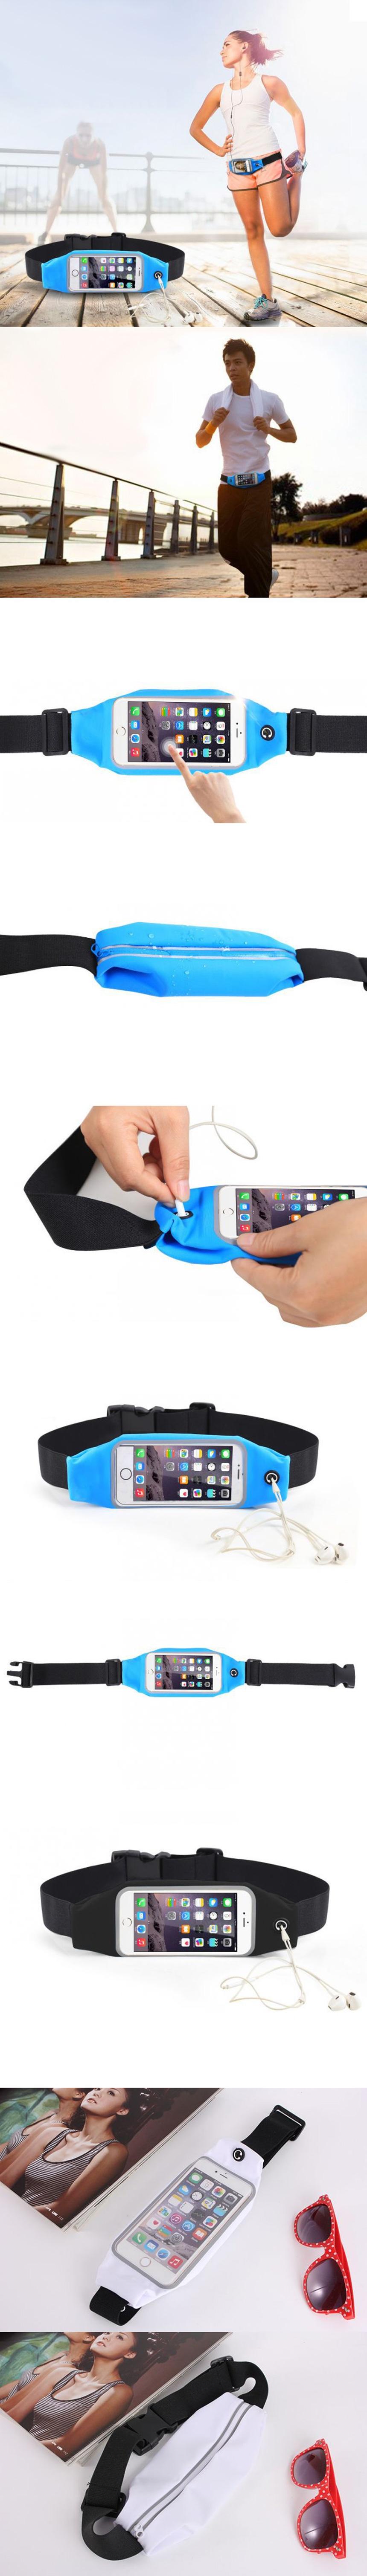 스마트폰 방수팩/스마트폰 방수 수납벨트